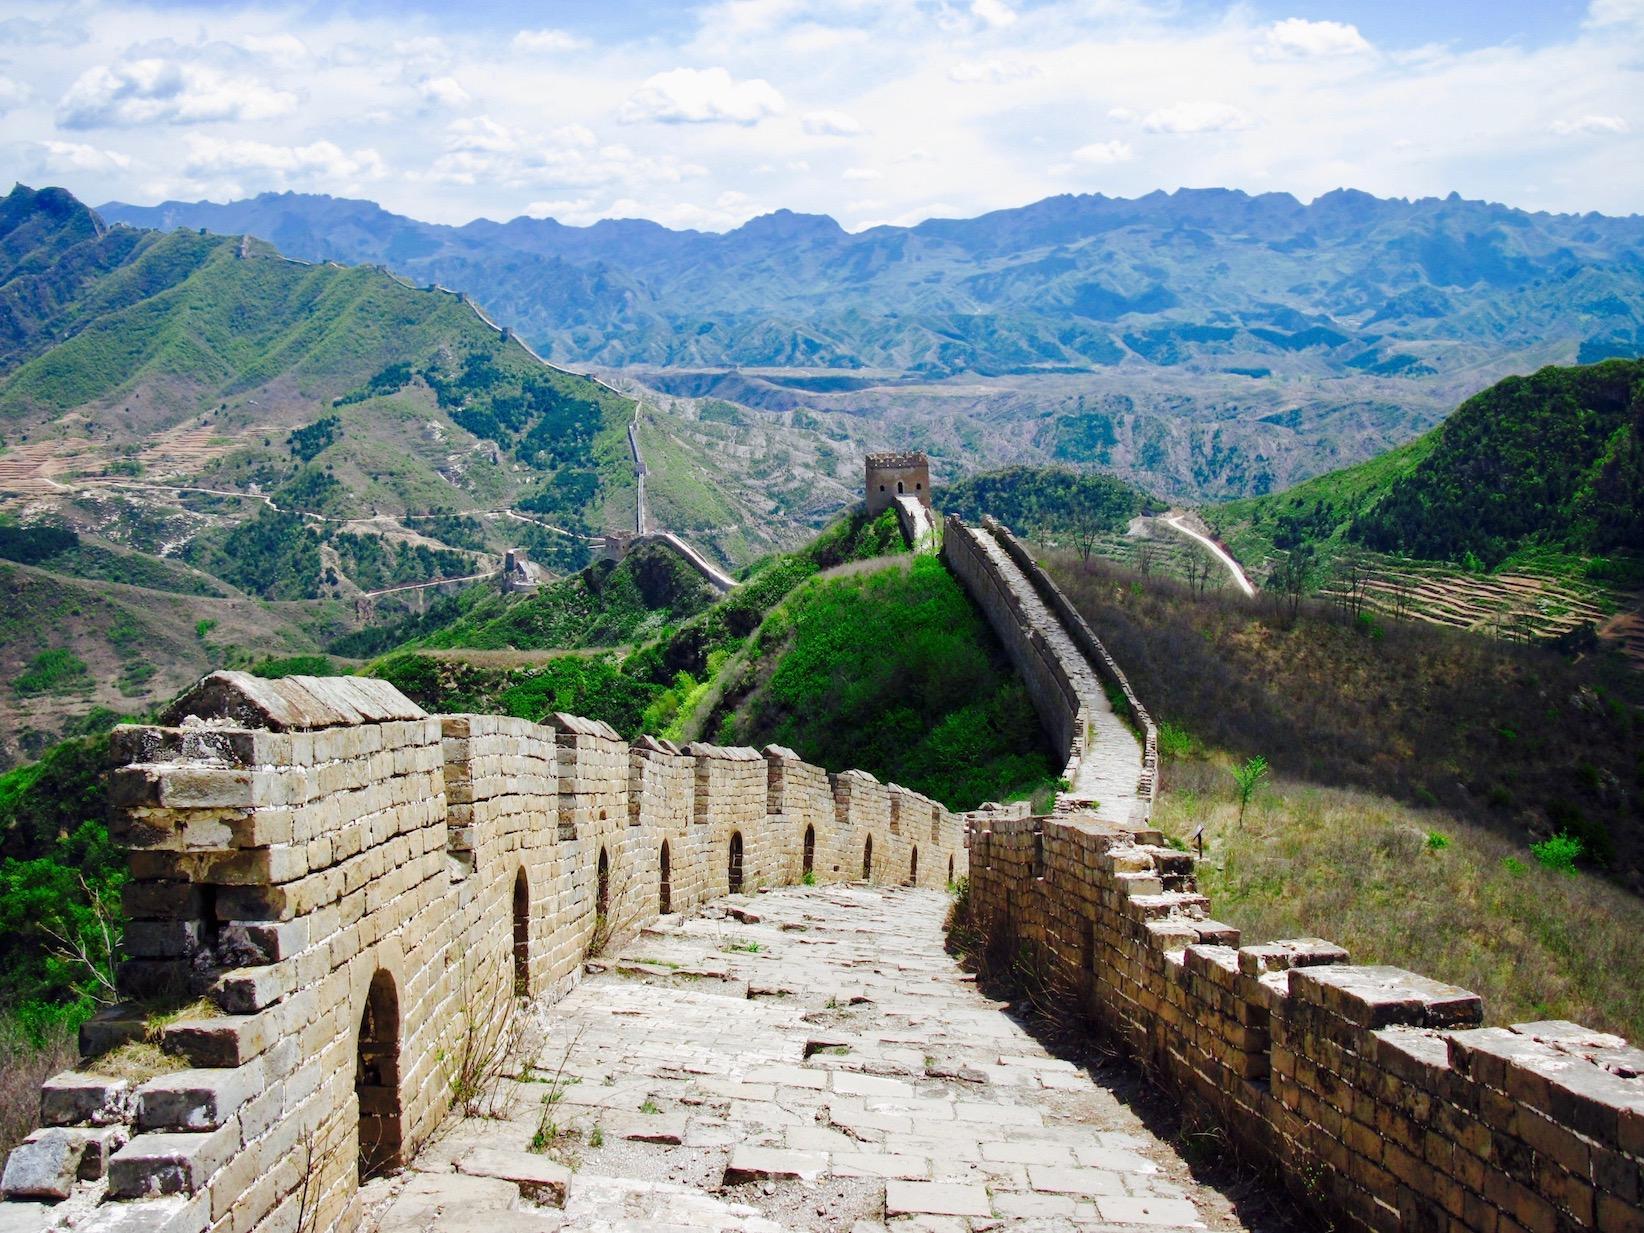 Jinshanling to Simatai hike The Great Wall of China Beijing